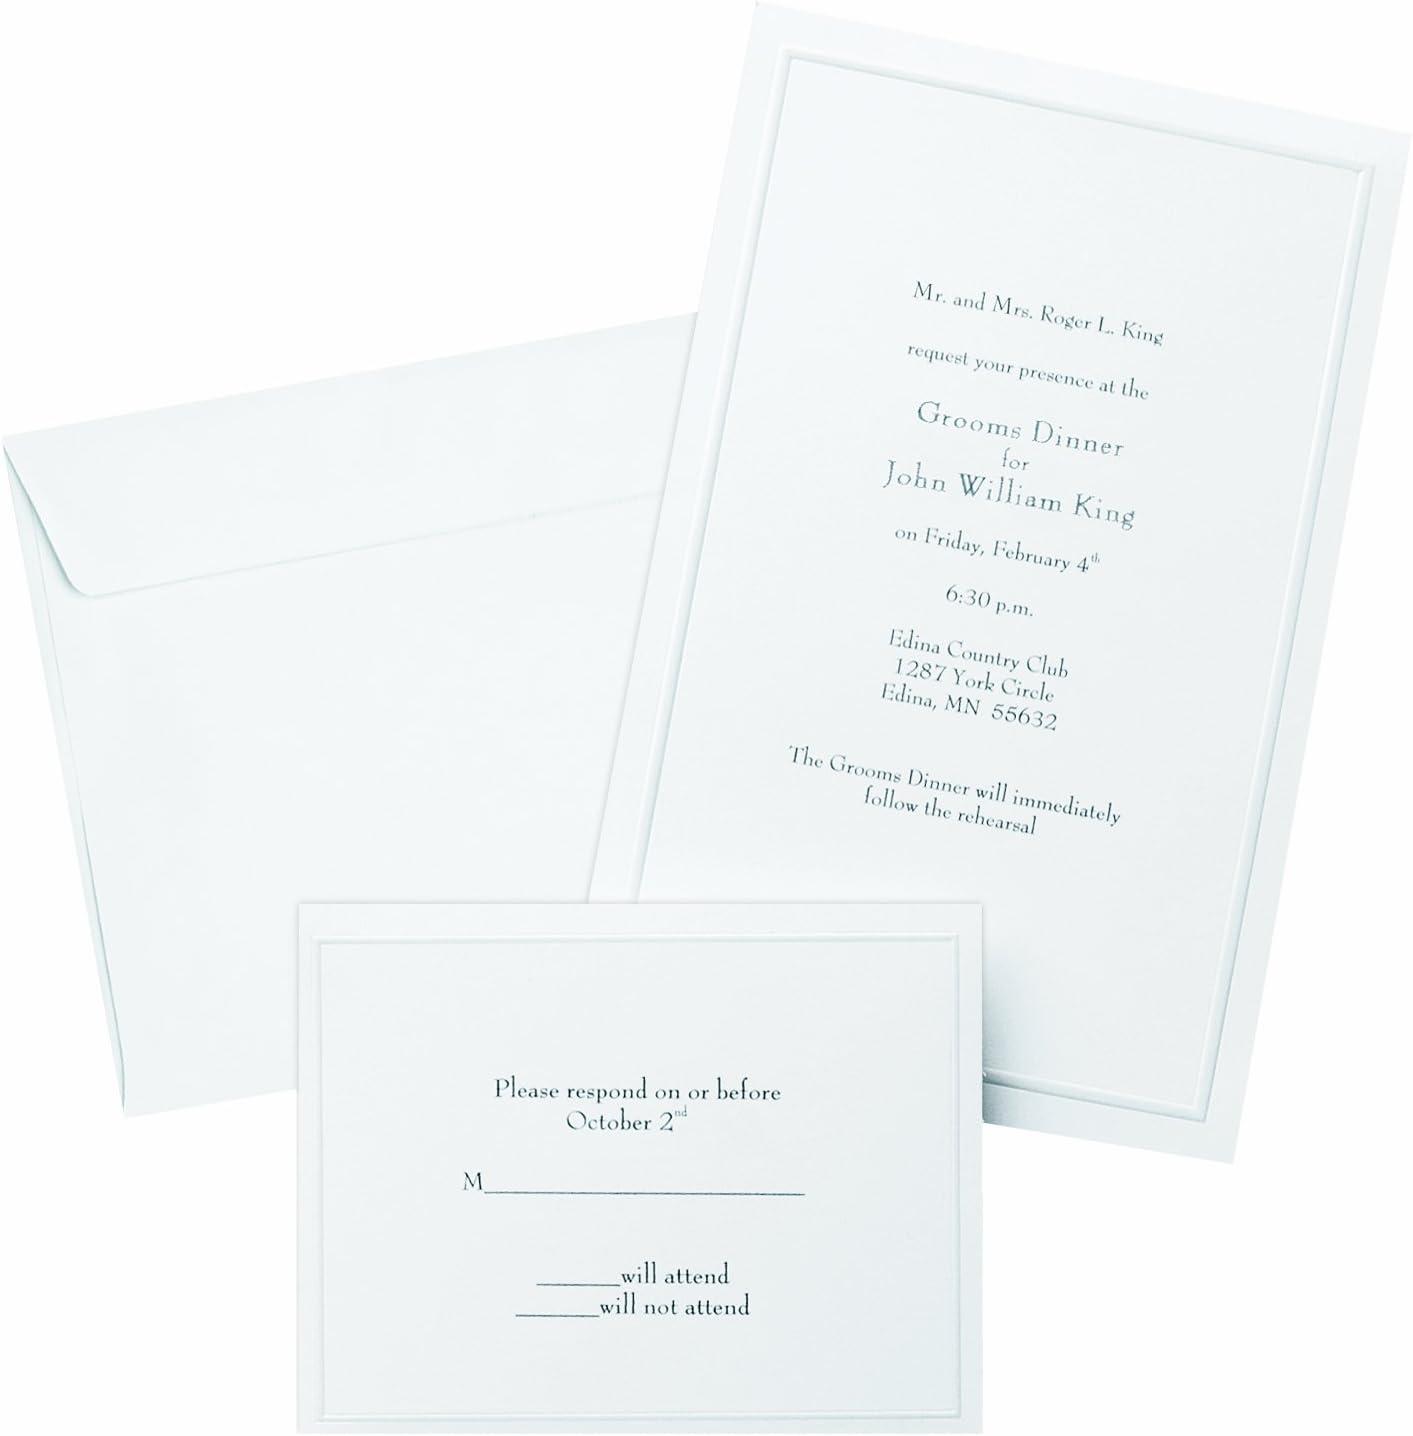 Gartner Studios Border Wedding Invitation Kit, Pearl White, 50-Count (61001)